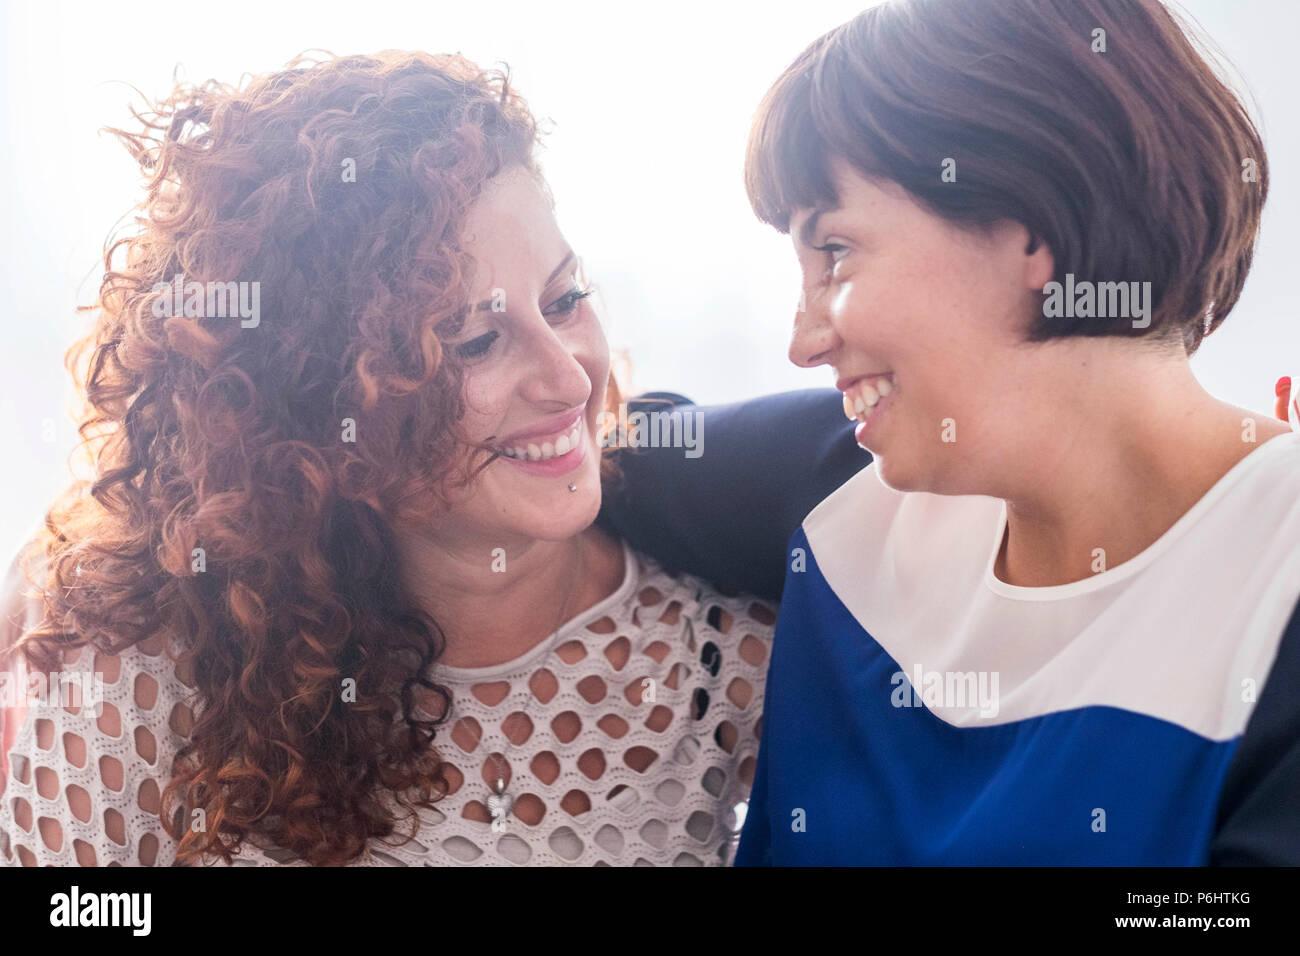 Paar weibliche Freunde zusammen einander lächelnd. Genießen Sie friendshiop und Beziehung. Kaukasische schöne junge Frauen mit weißem Hintergrund Stockfoto